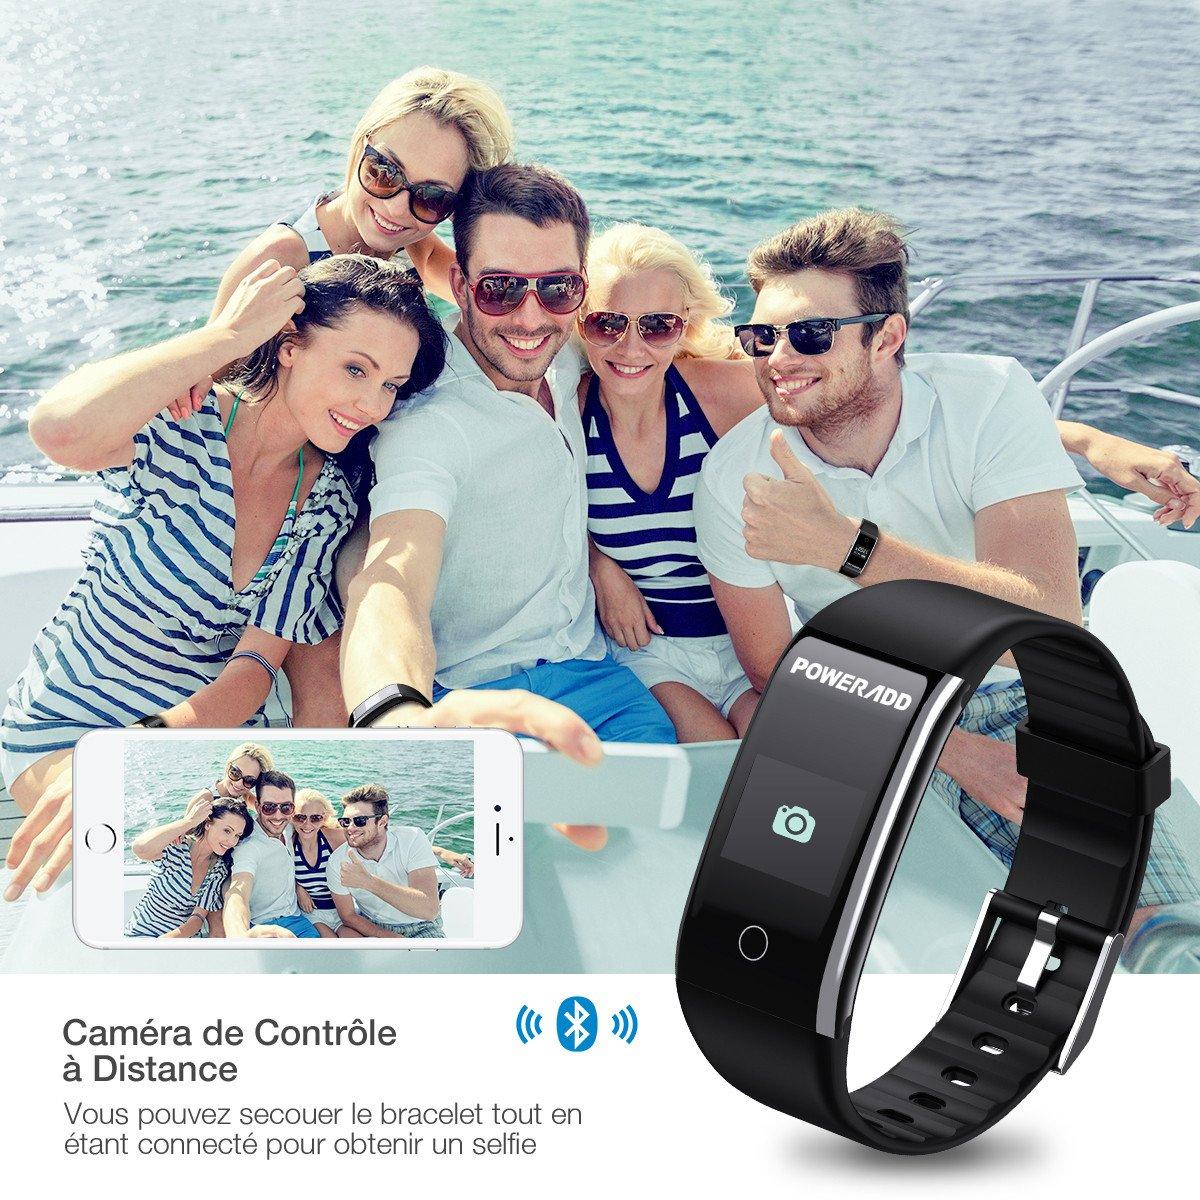 POWERADD Bracelet Connecté, Montre Connectée Fitness Tracker d\'Activité Etanche IP67 Smartwatch Cardiofréquencemètre, Sphygmomanomètre, Podomètre, Sommeil, Calories, Distance, Appel, Rappel sédentaire, Band Bluetooth Femme Homme Enfant pou